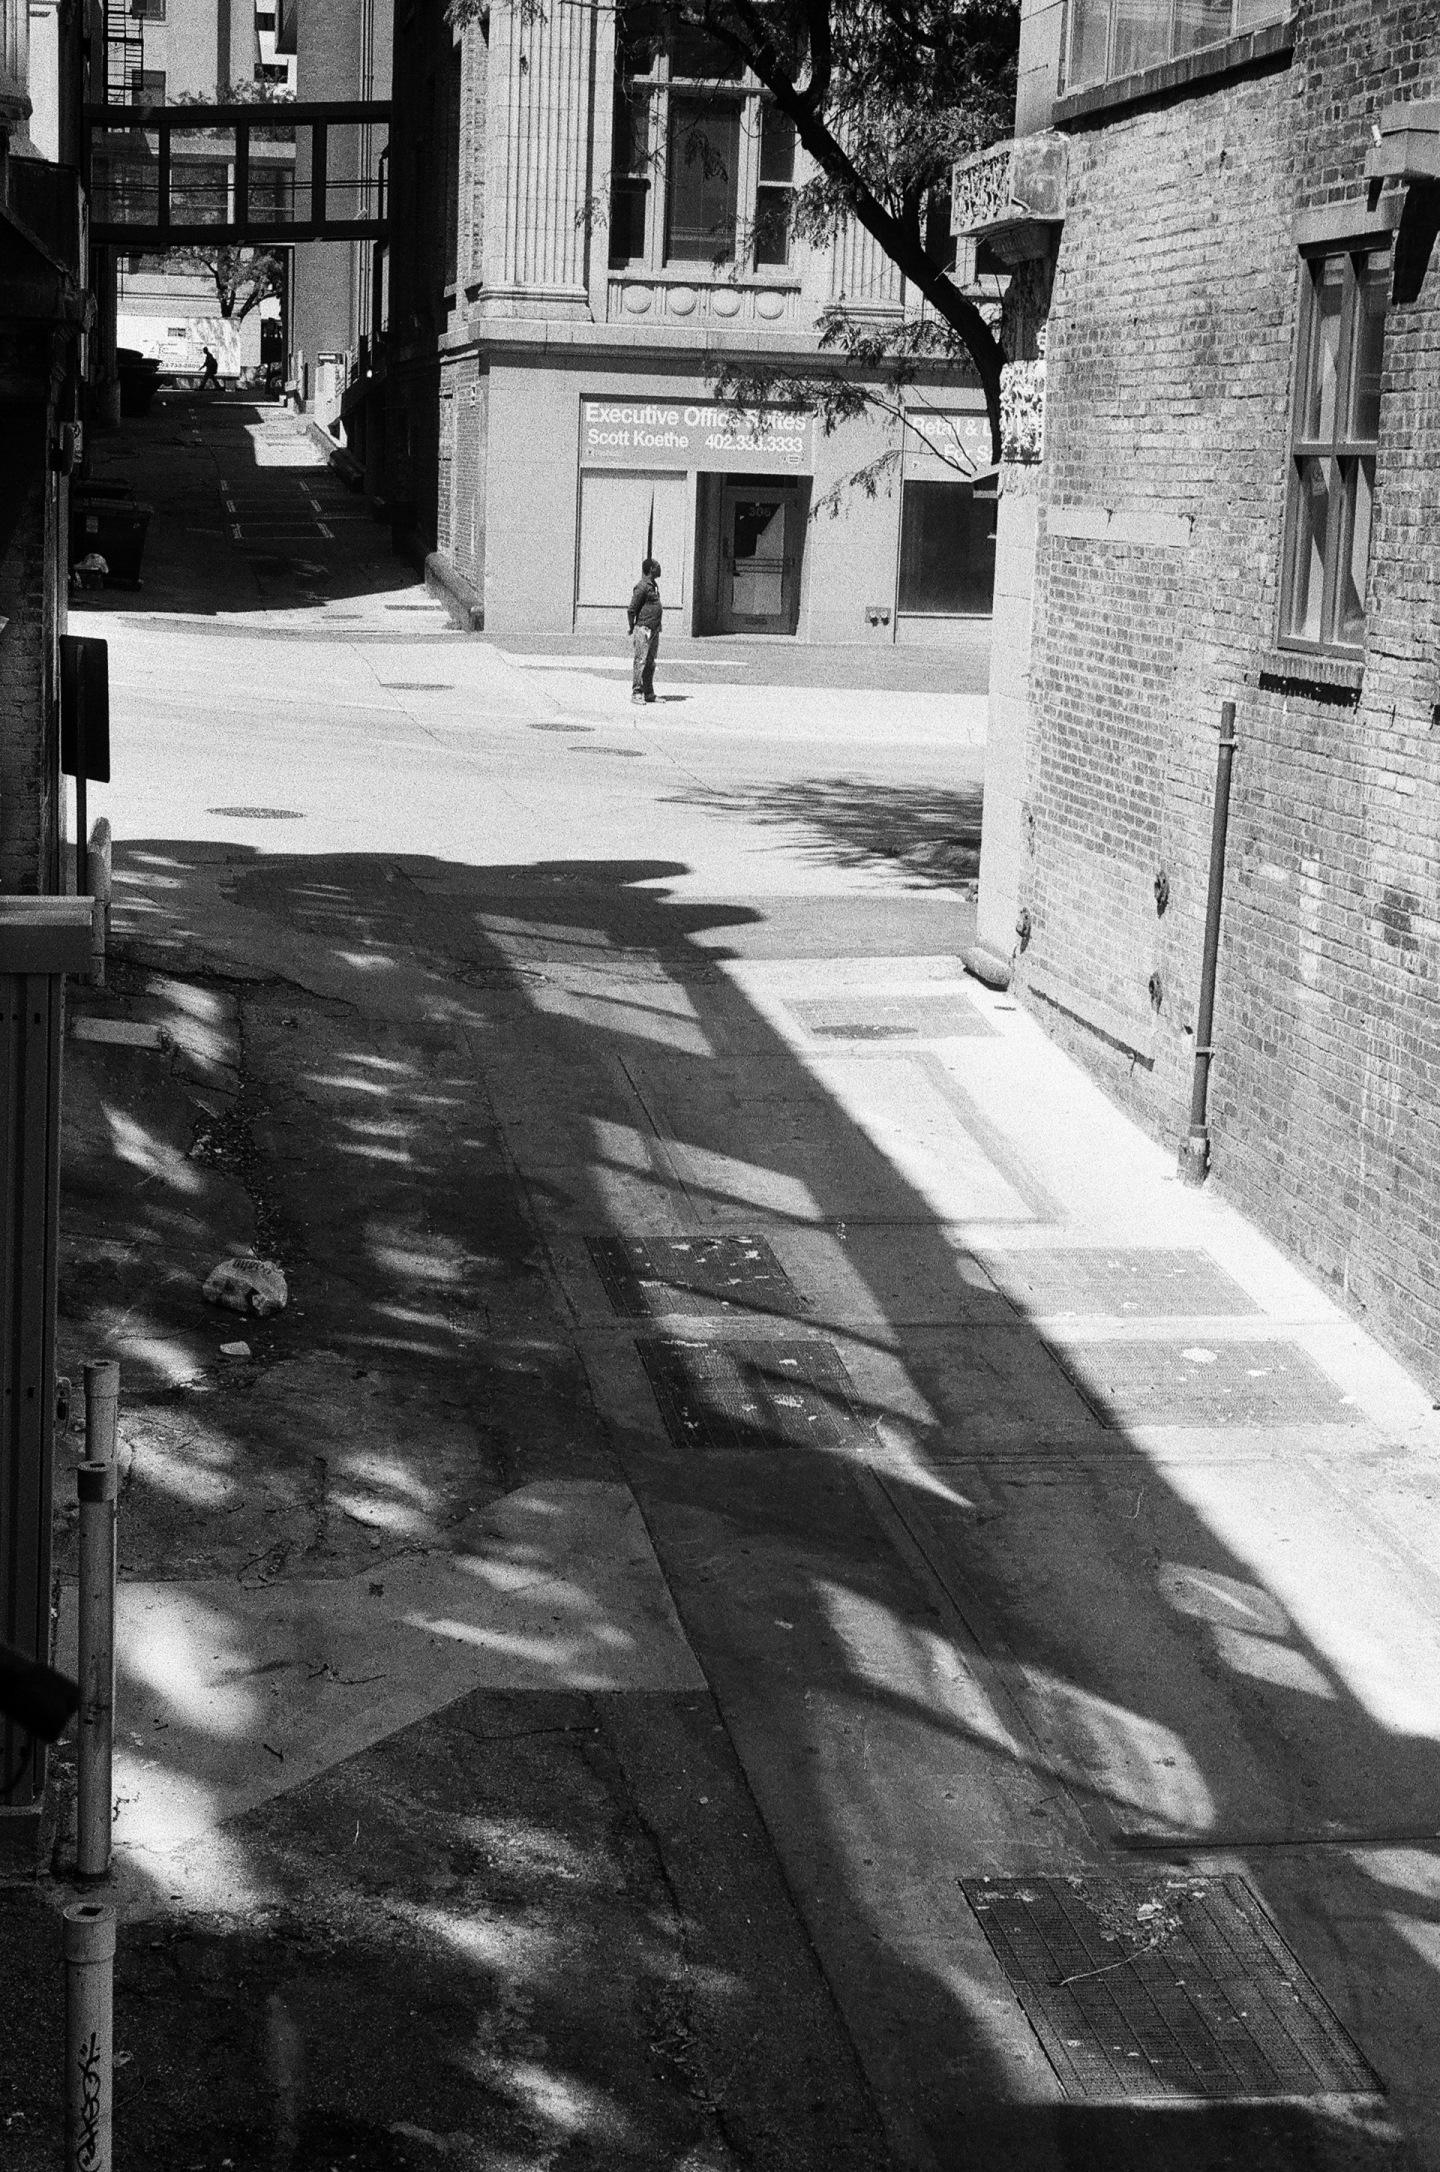 Leica M3; Leica Summicron 50mm f2; 1/500s; f/8; Ilford HP5+